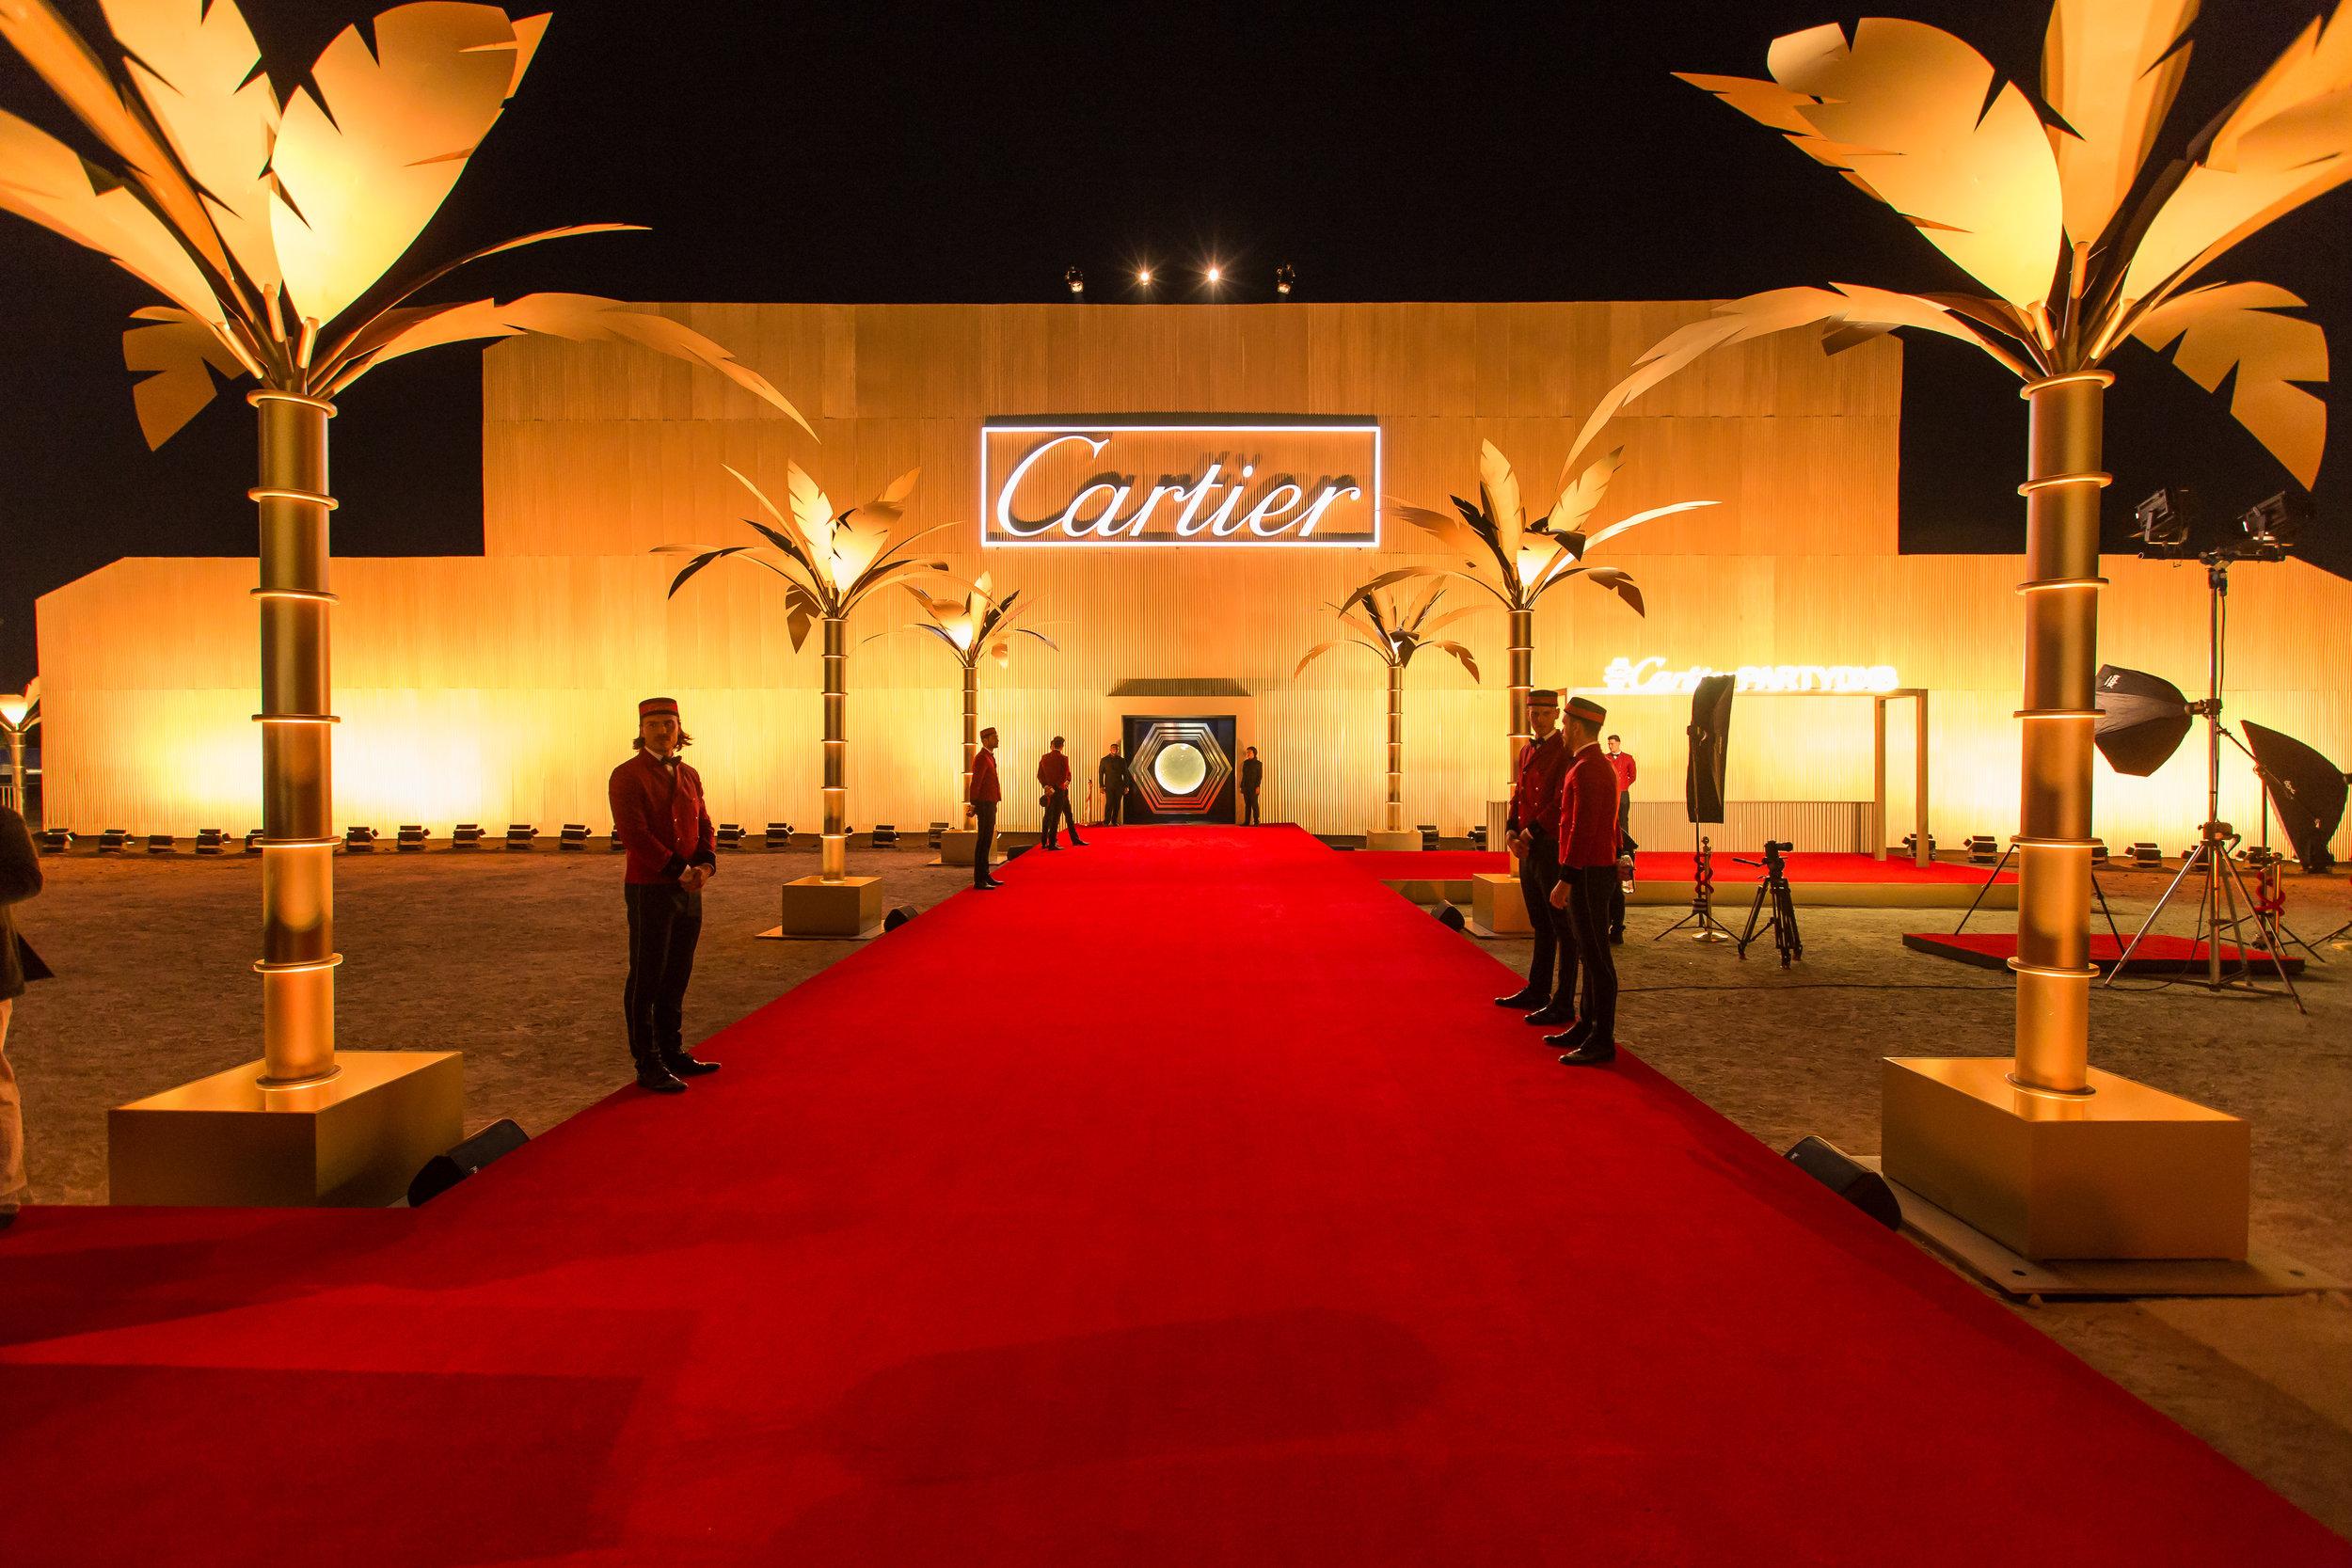 Cartier-2216(1).jpg